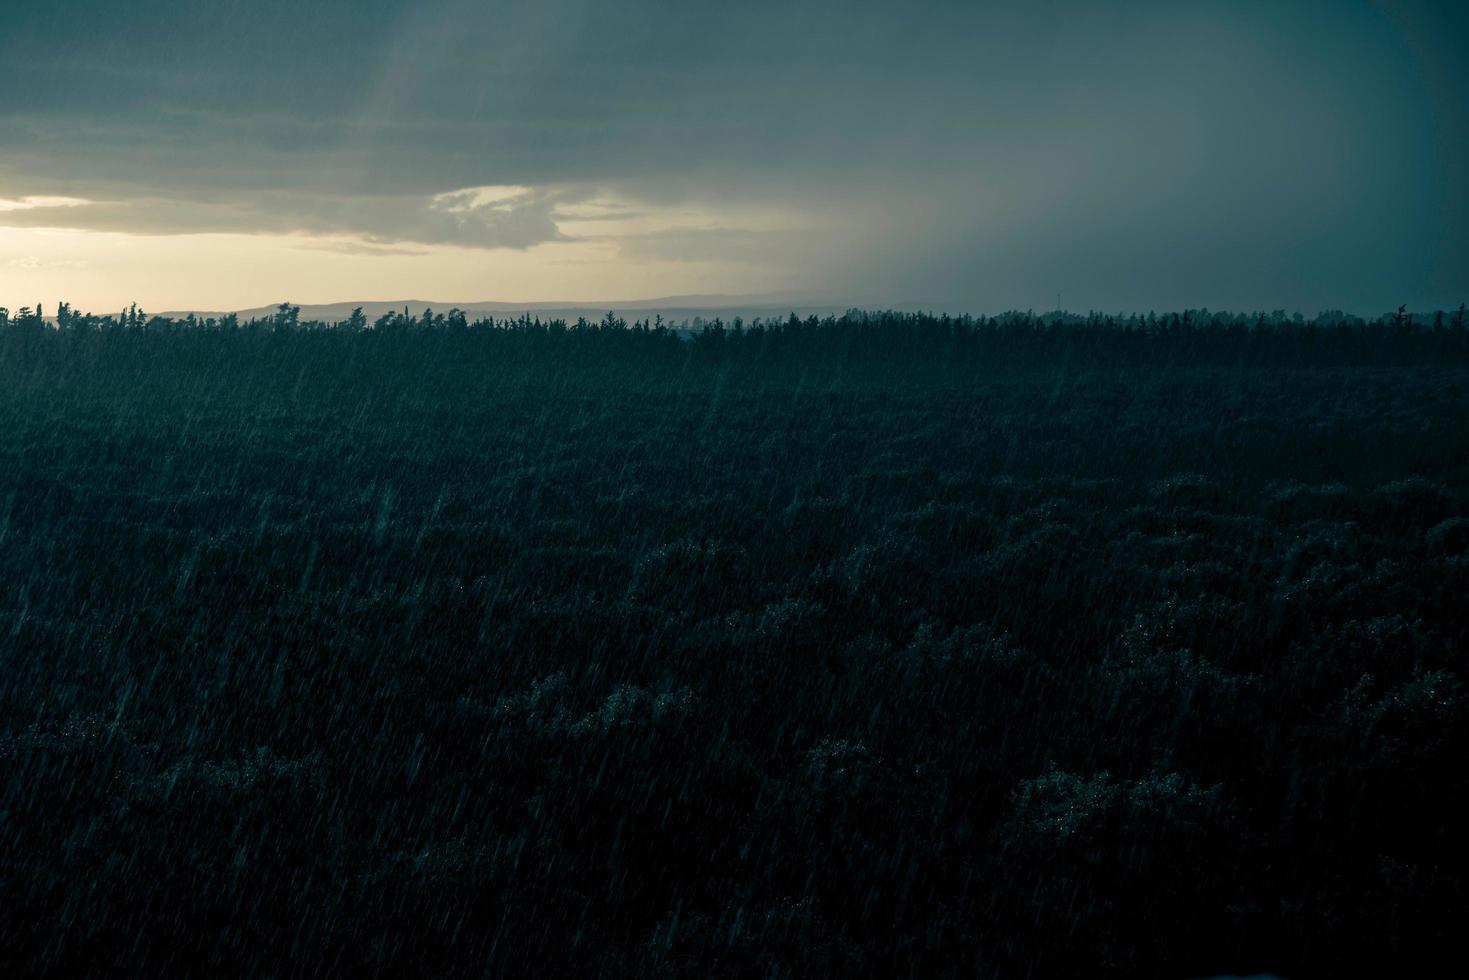 nachtregen over de boomgaard foto